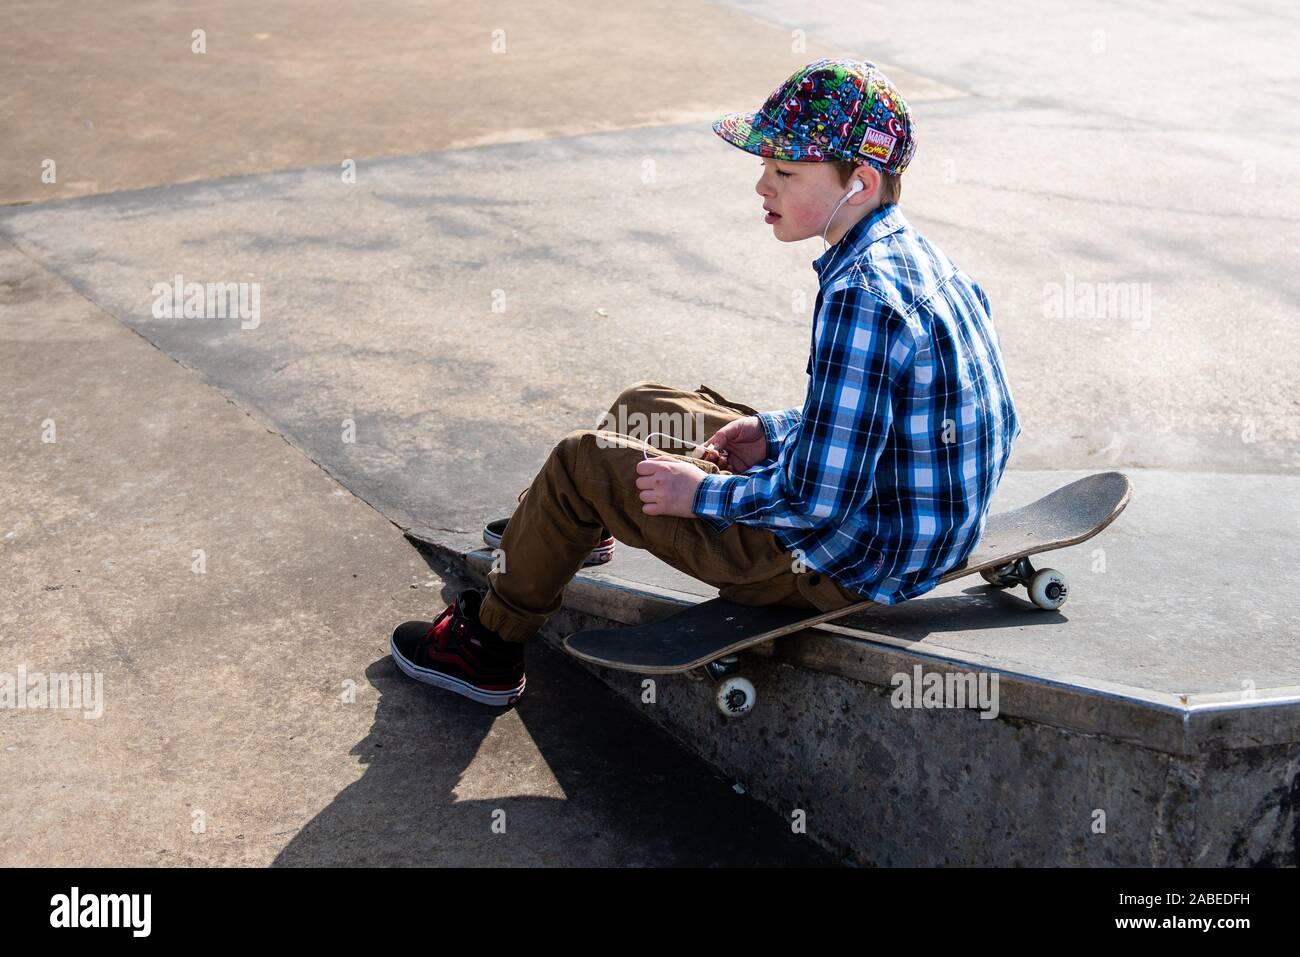 Un pequeño y lindo niño con síndrome de Asperger, autismo, ADHD caballo alrededor del skatepark escuchando música y practicar trucos, baje las escaleras, Ollie etc Foto de stock